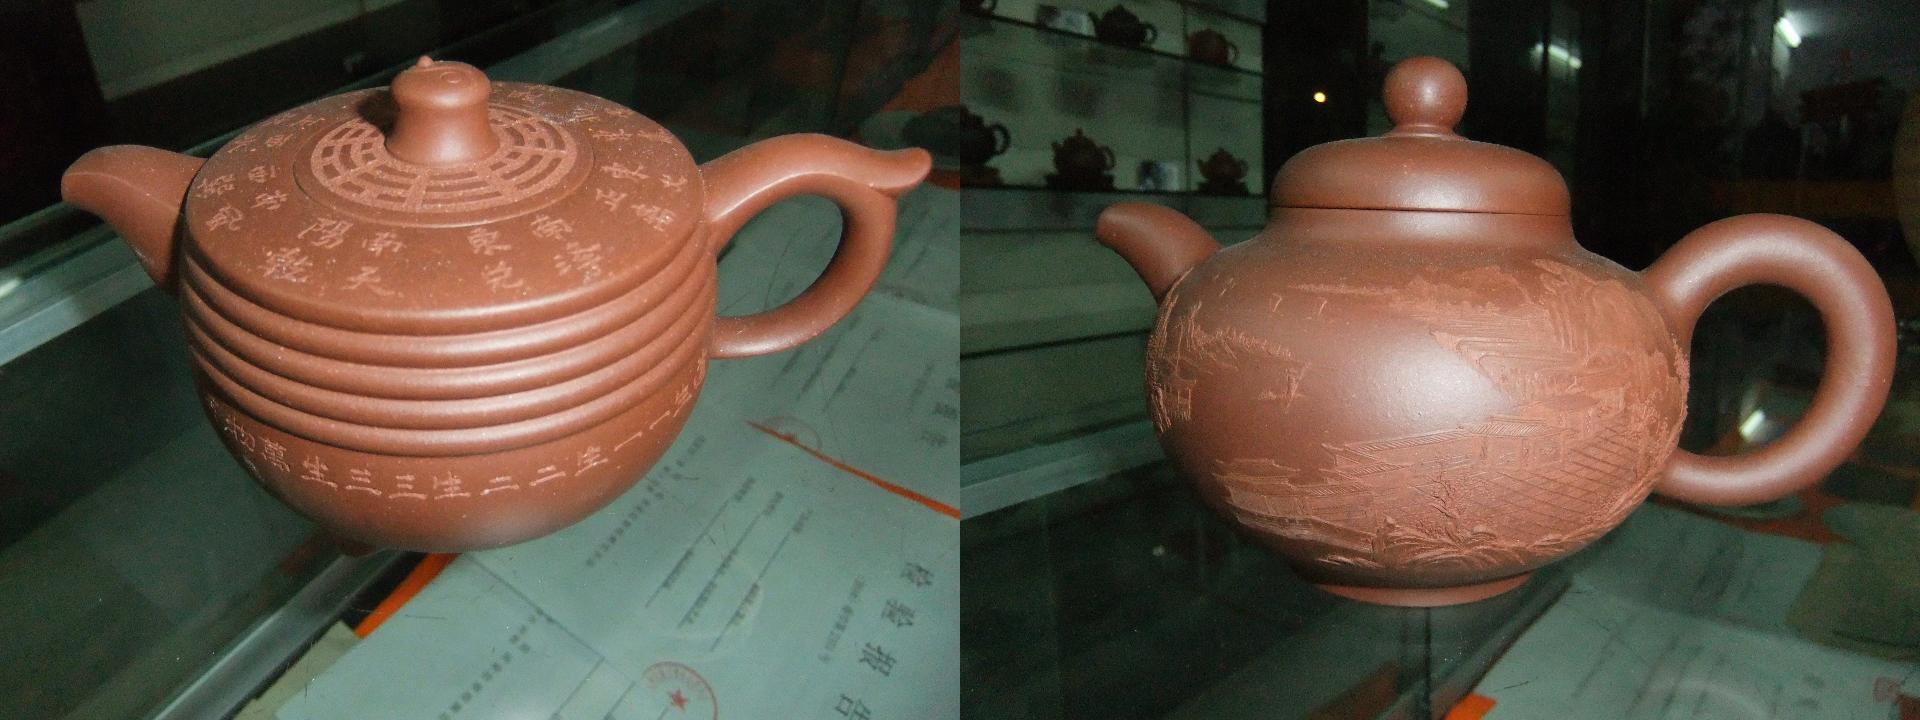 茶壺の模様_b0151300_1237666.jpg